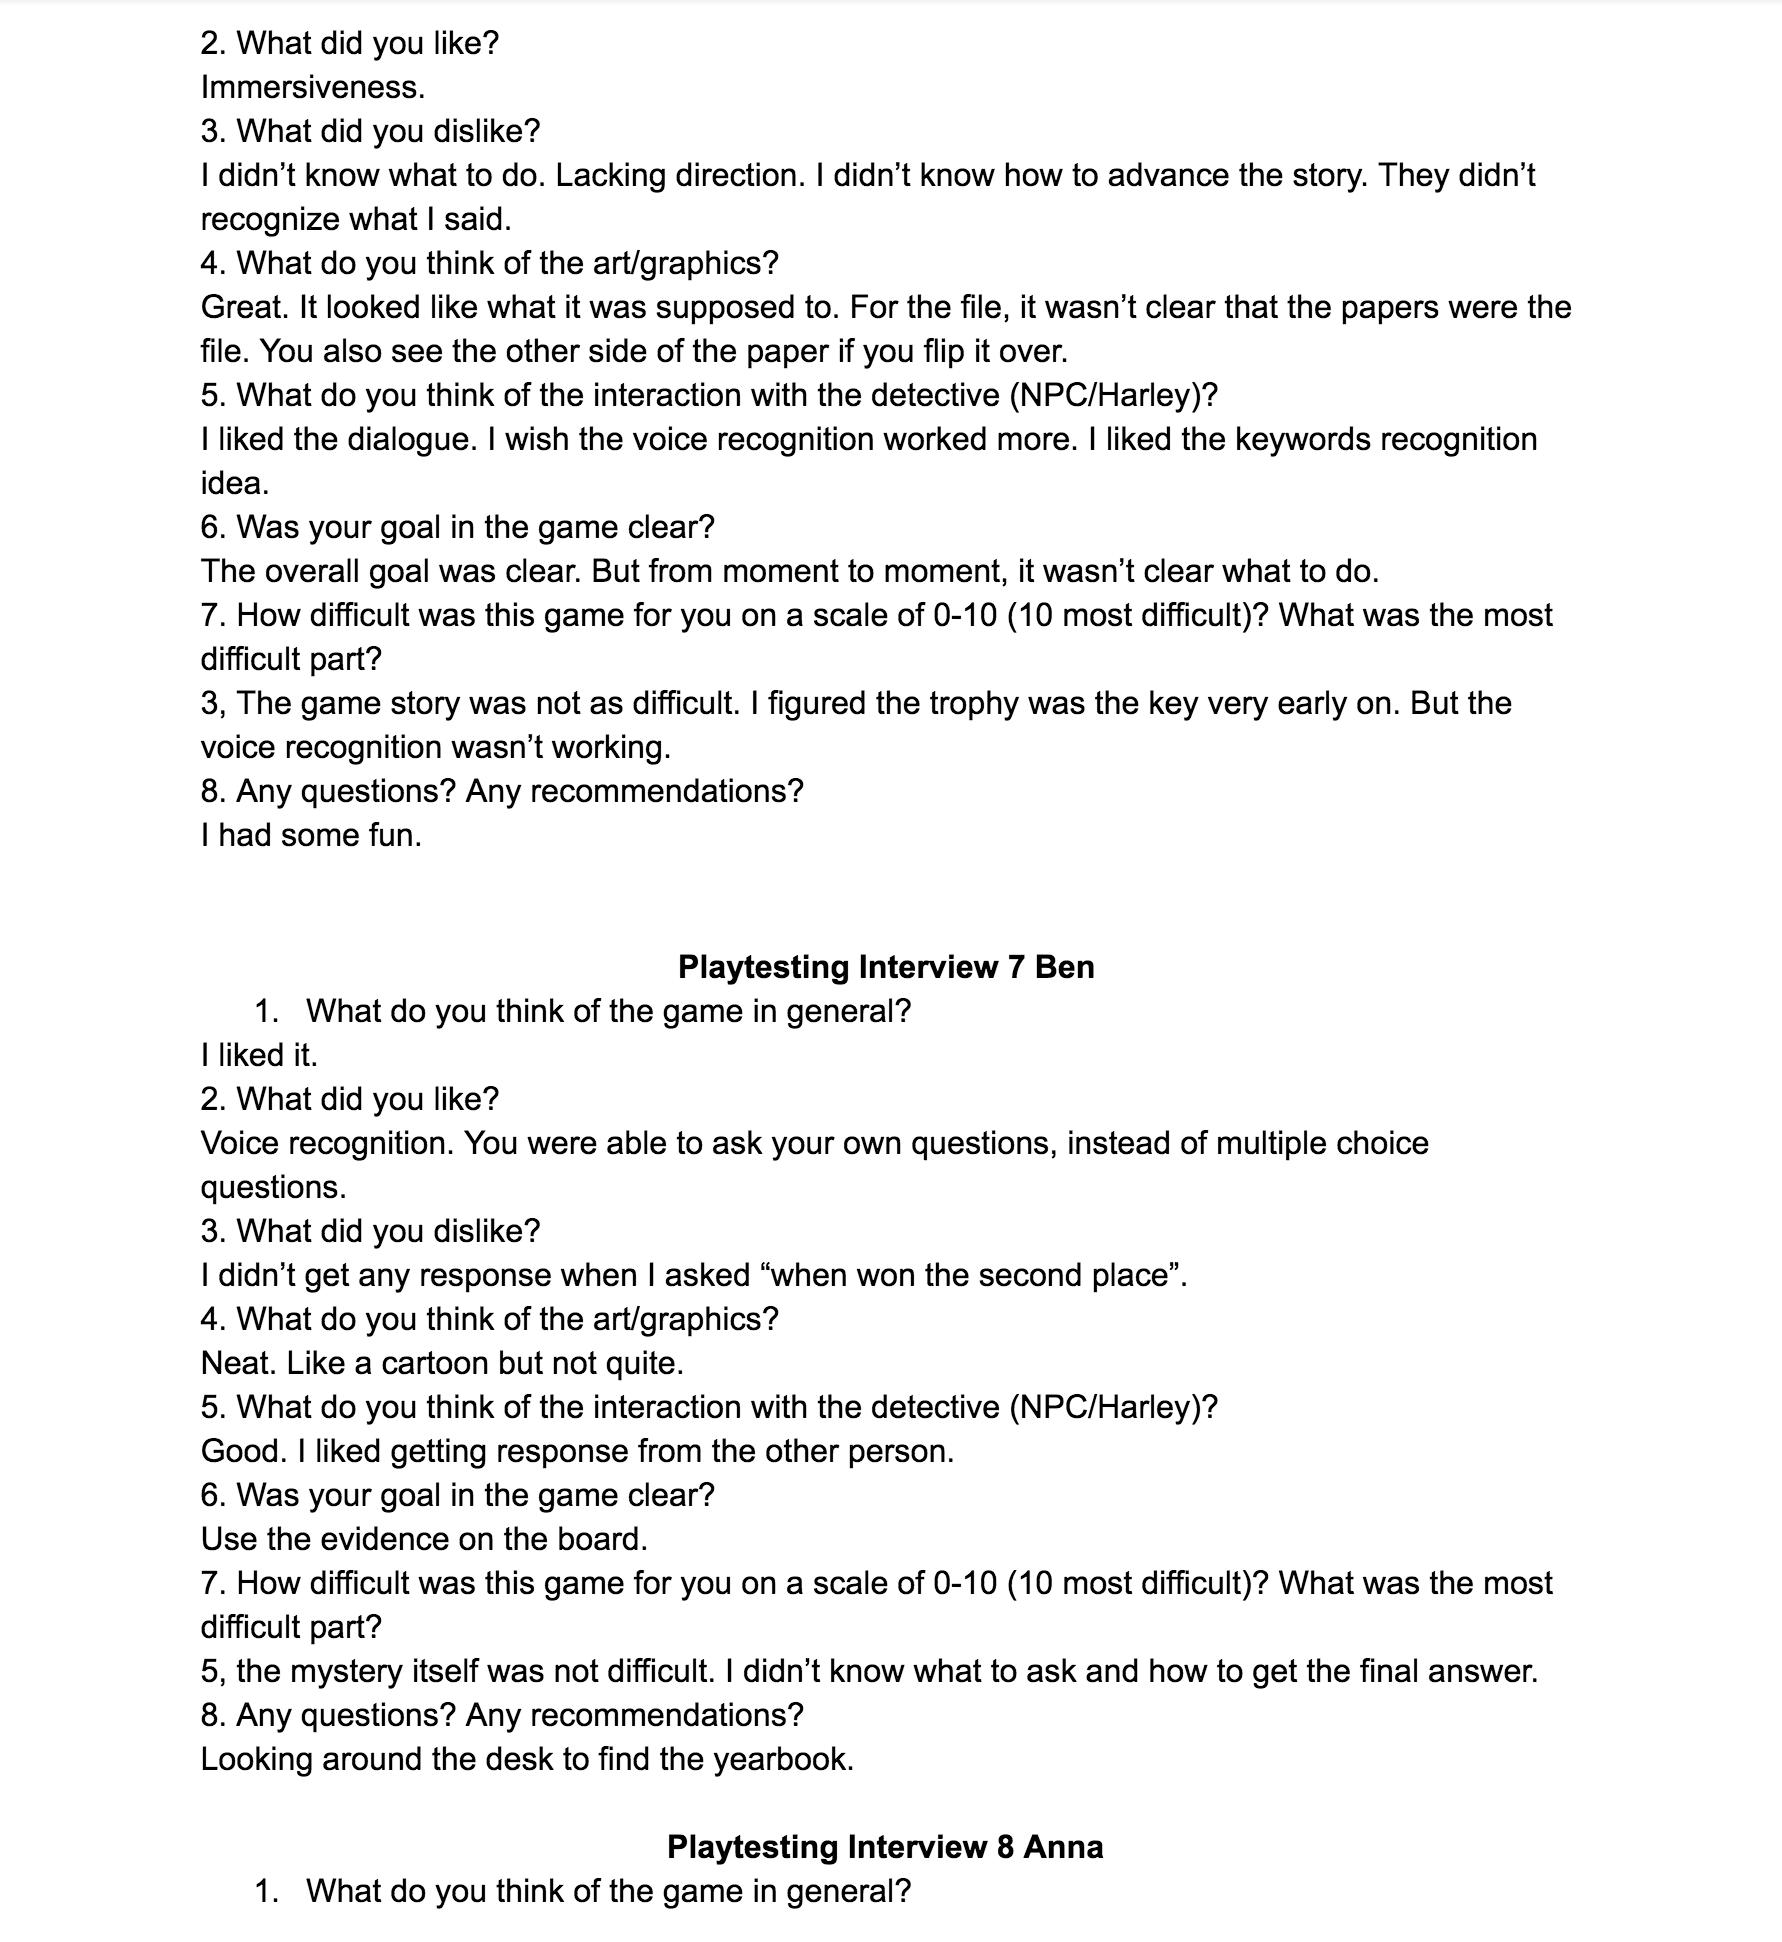 Playtest interview 4